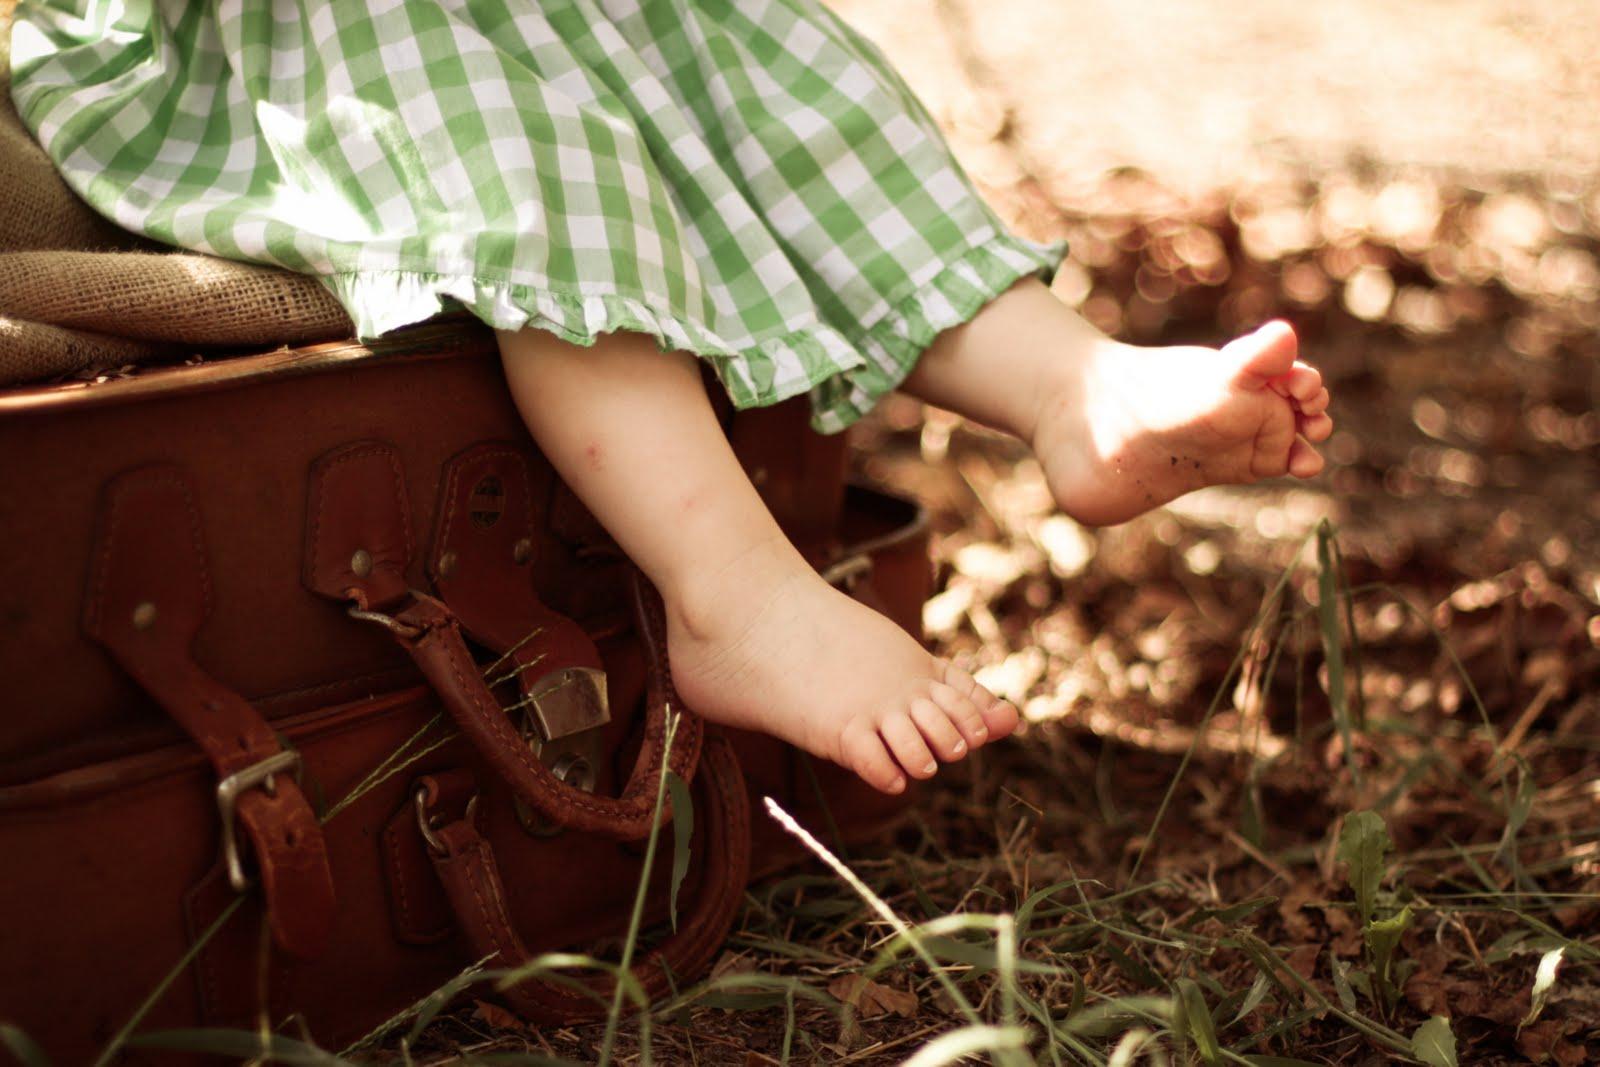 http://4.bp.blogspot.com/_nZArqfS07Jw/TIraVQHCfwI/AAAAAAAABII/h_YuKgvJrvc/s1600/ReneeFam-69.jpg